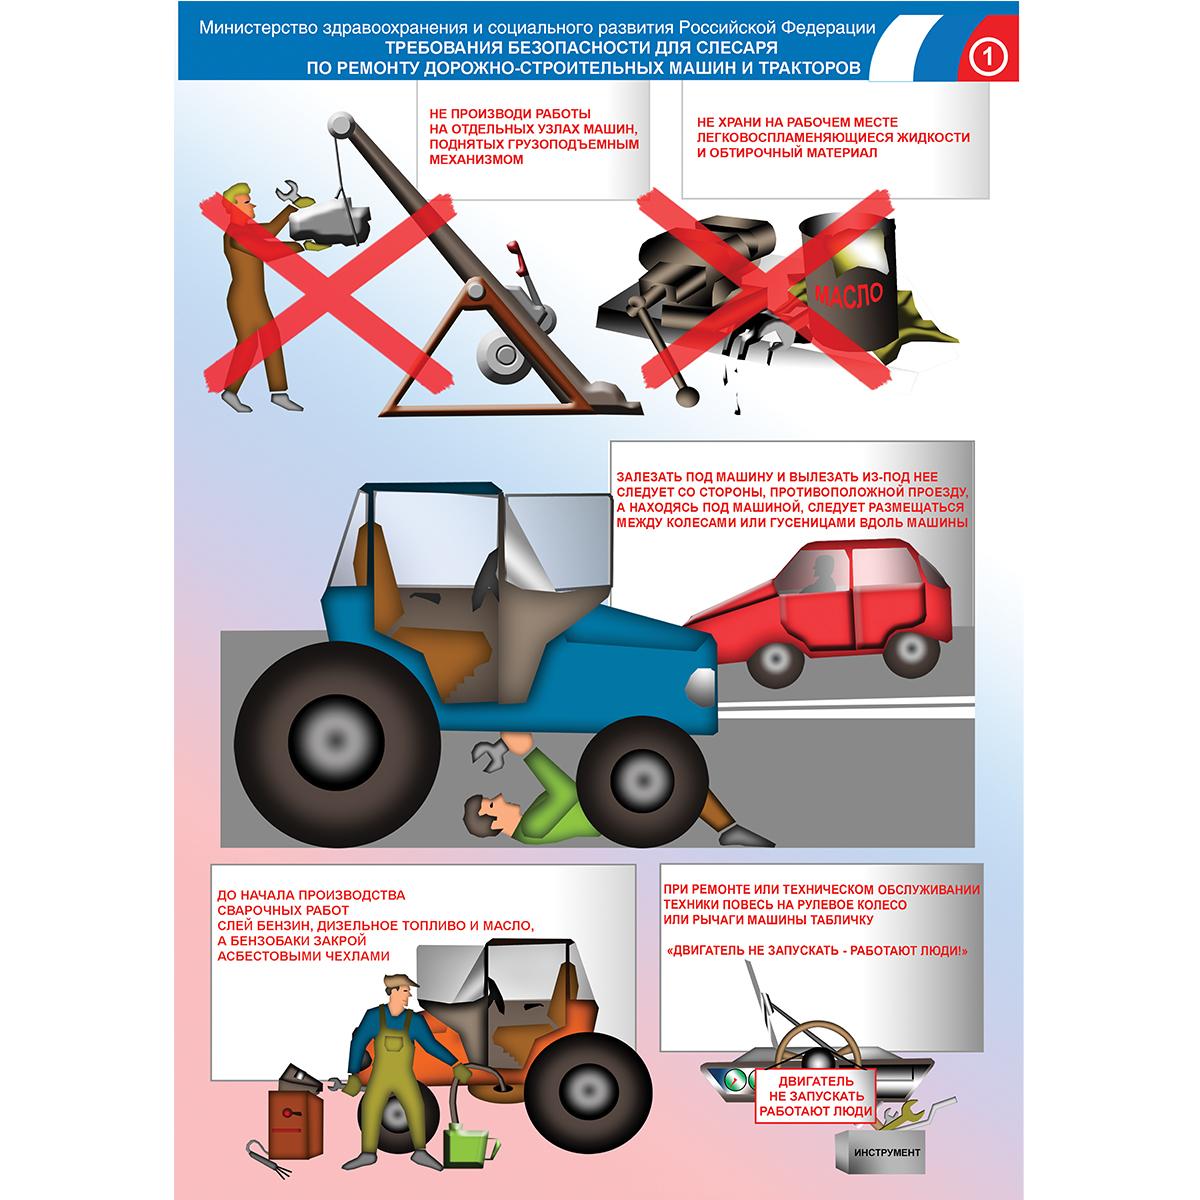 Инструкция По Охране Труда Для Слесаря По Ремонту Обеспыливающего Оборудования